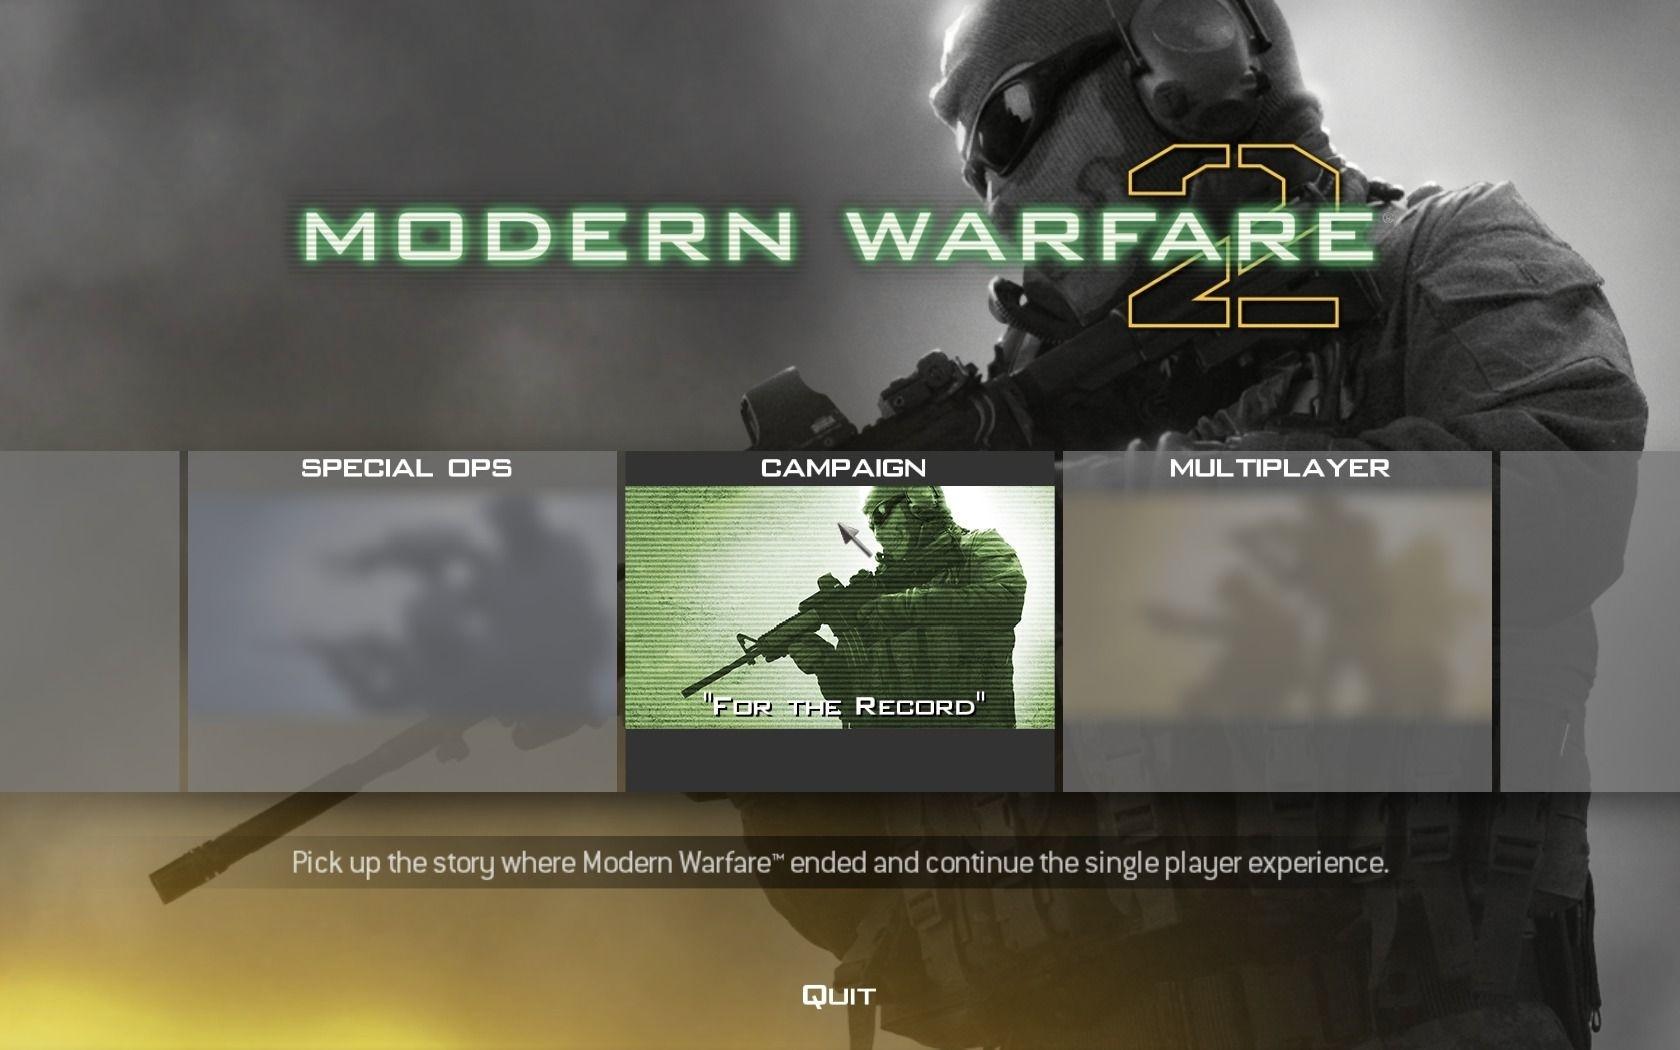 只有戰役的《使命召喚:現代戰爭2》重製版現身歐洲遊戲分級機構PEGI